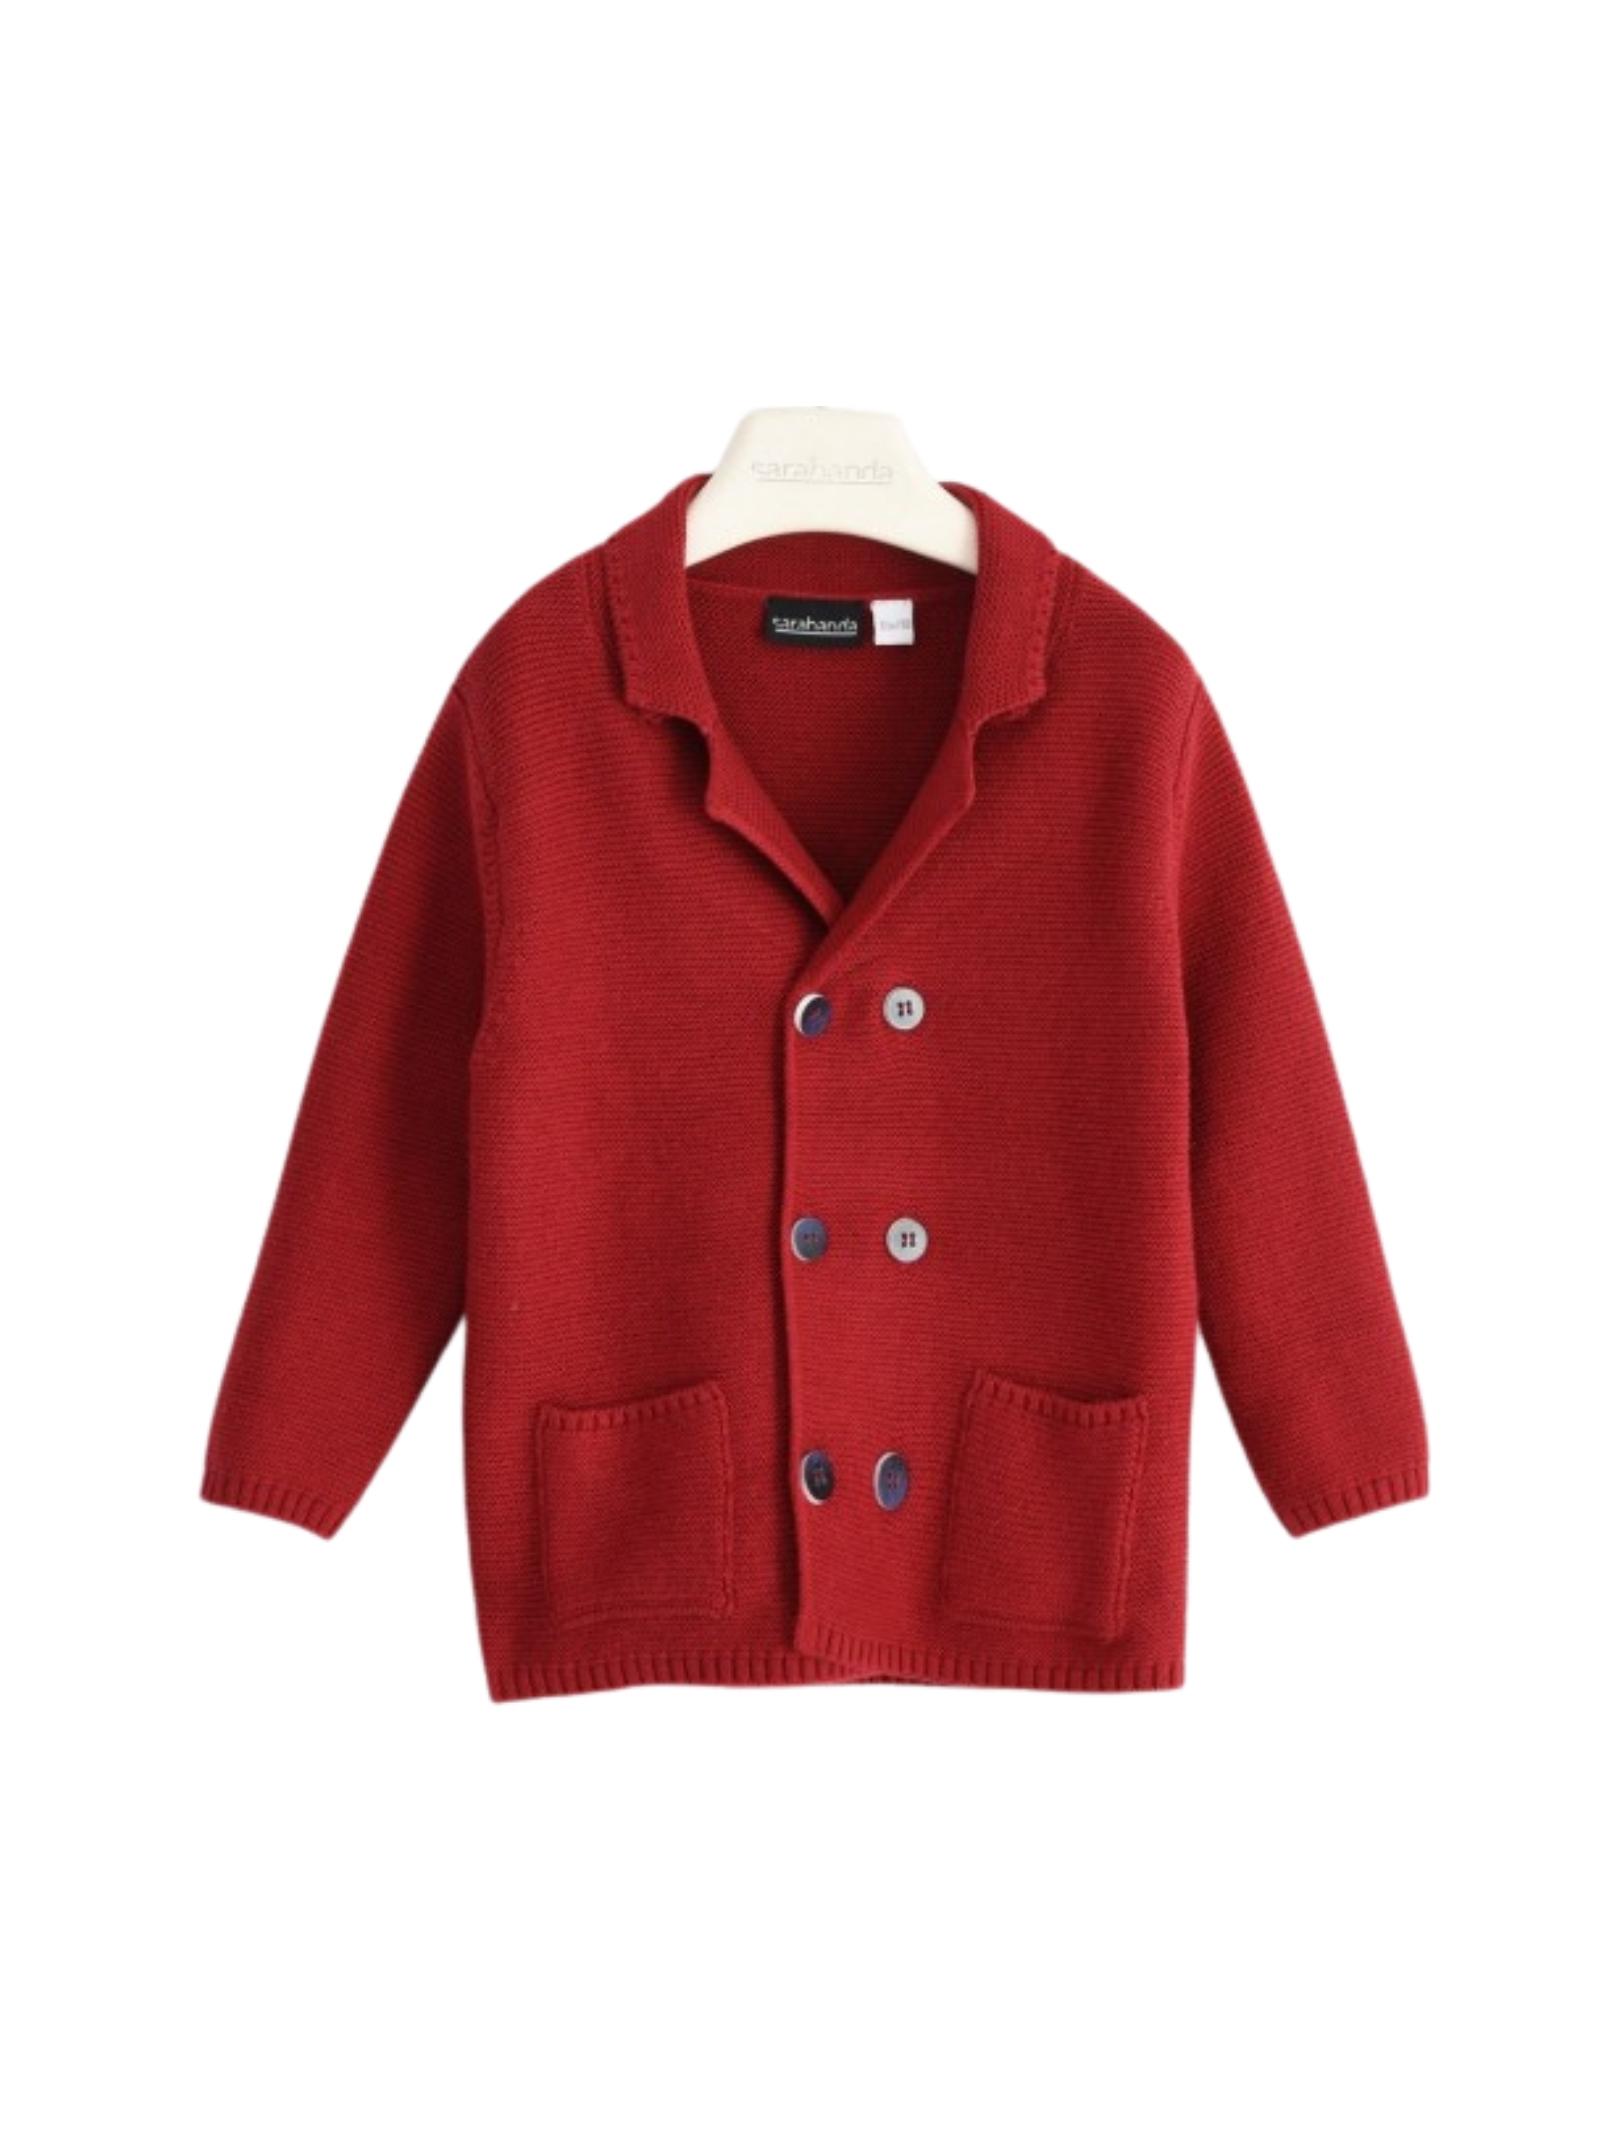 Red Boy cardigan SARABANDA | Cardigan | 01103002536